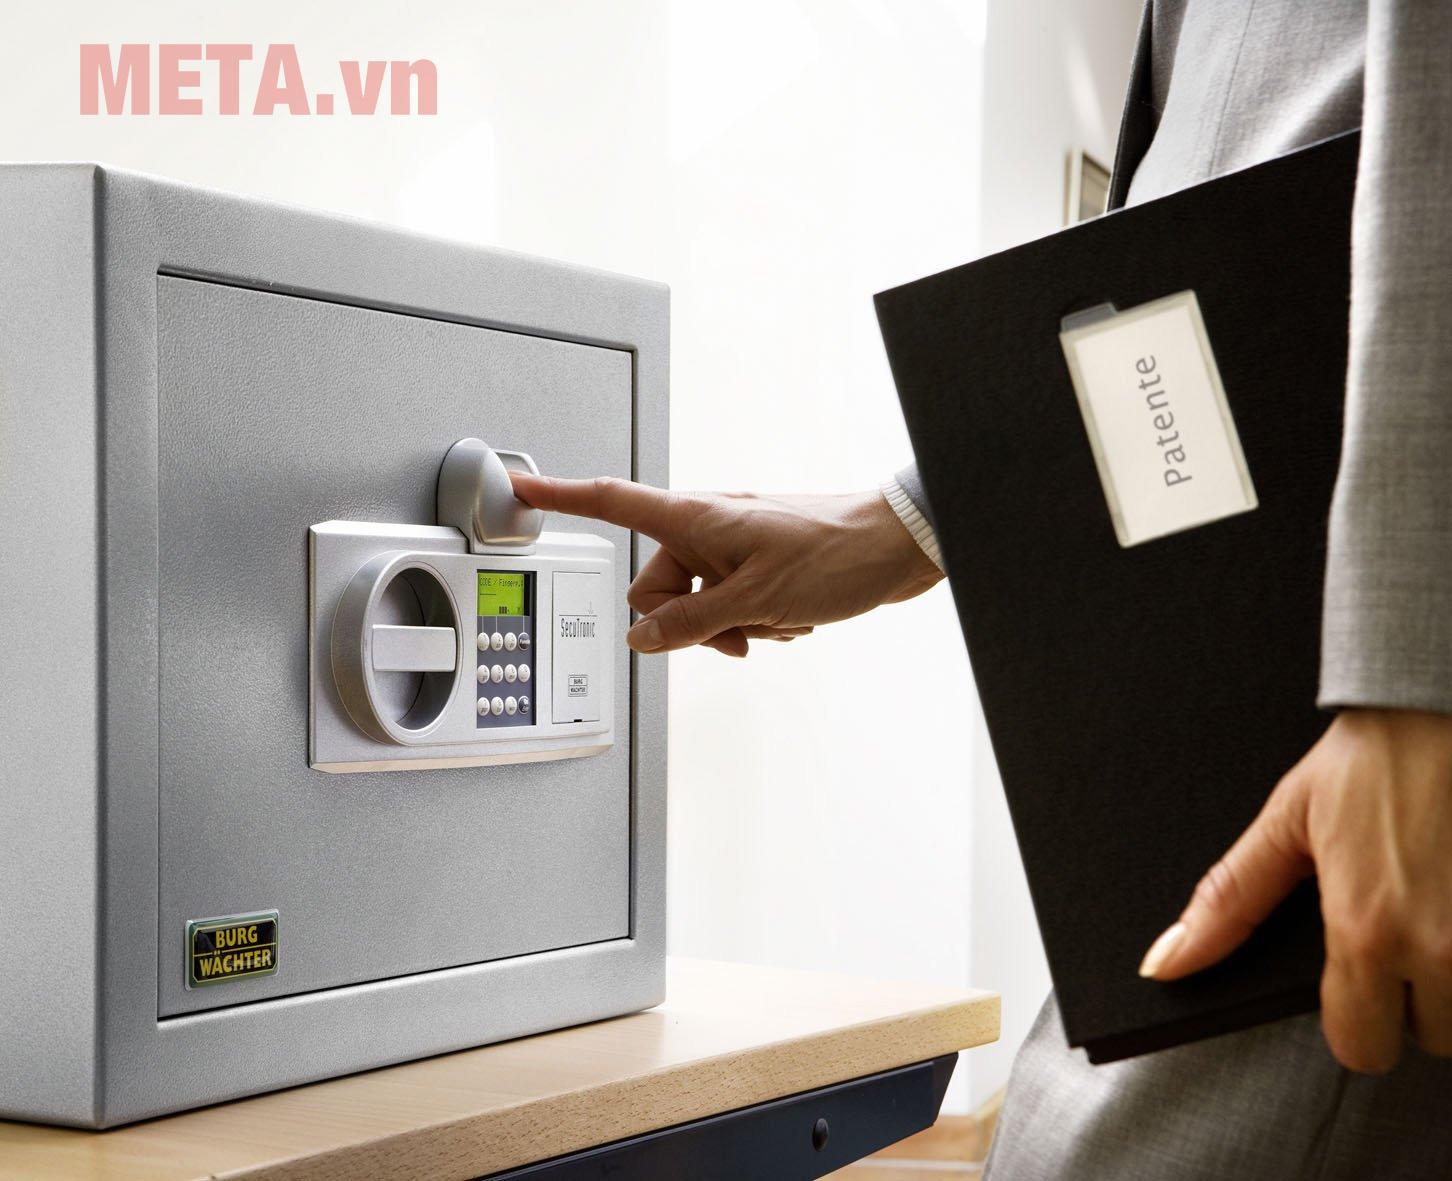 Nên mua két sắt cơ hay điện tử?